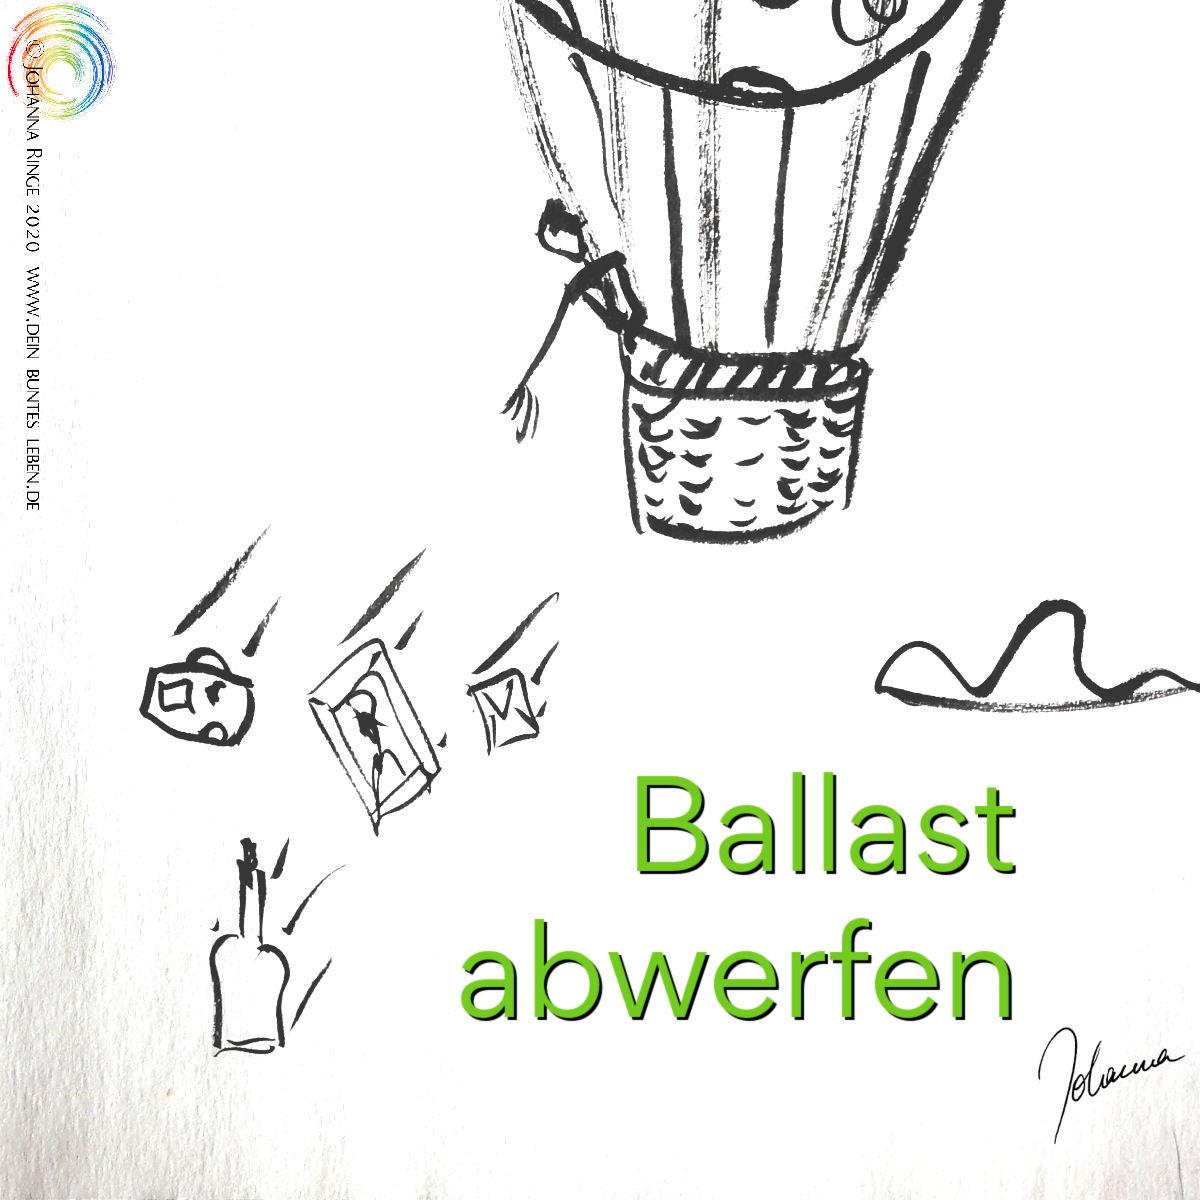 Ballast abwerfen (Text in Zeichung von Ballonfahrer, der Bild, Flasche, Brief und Koffer abwirft) ©Johanna Ringe 2020 www.johannaringe.com